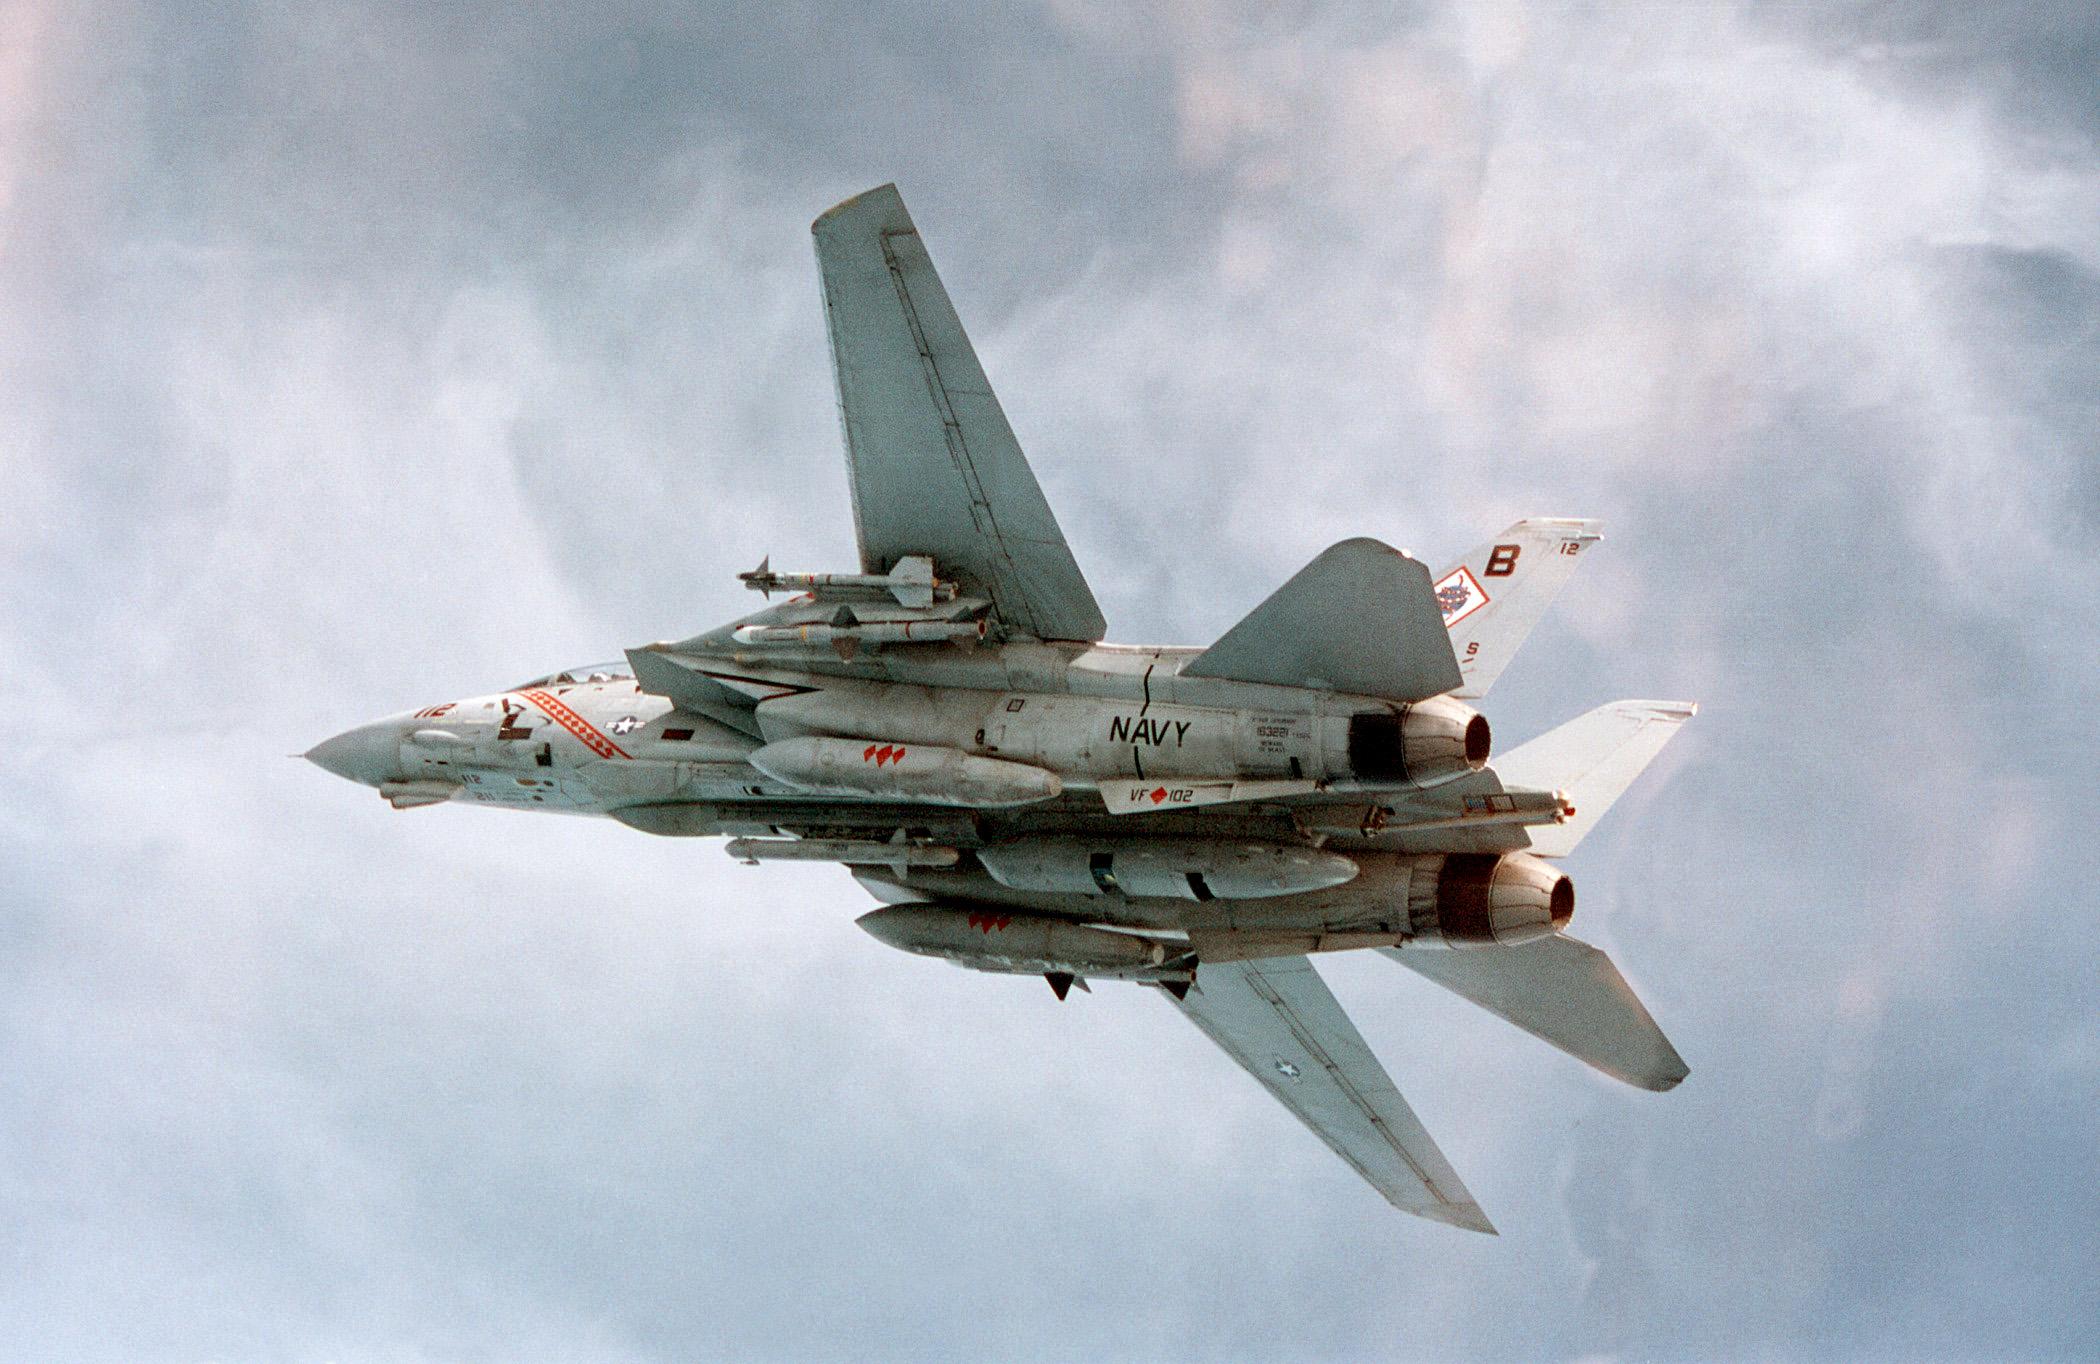 F 14 Super Tomcat F14 Tomcat on P...